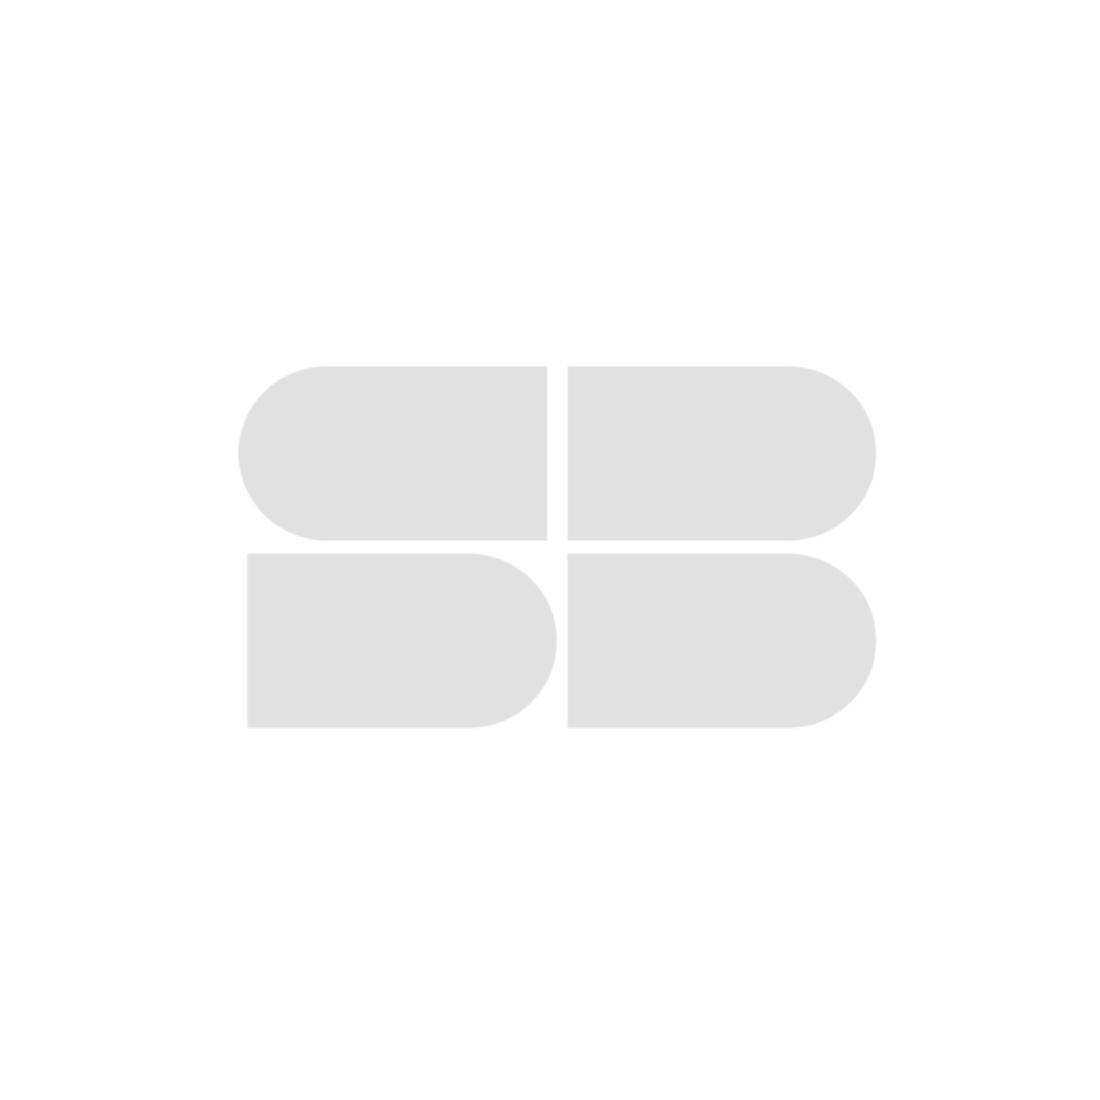 โต๊ะทำงาน ขนาด 150 ซม. รุ่น Kent